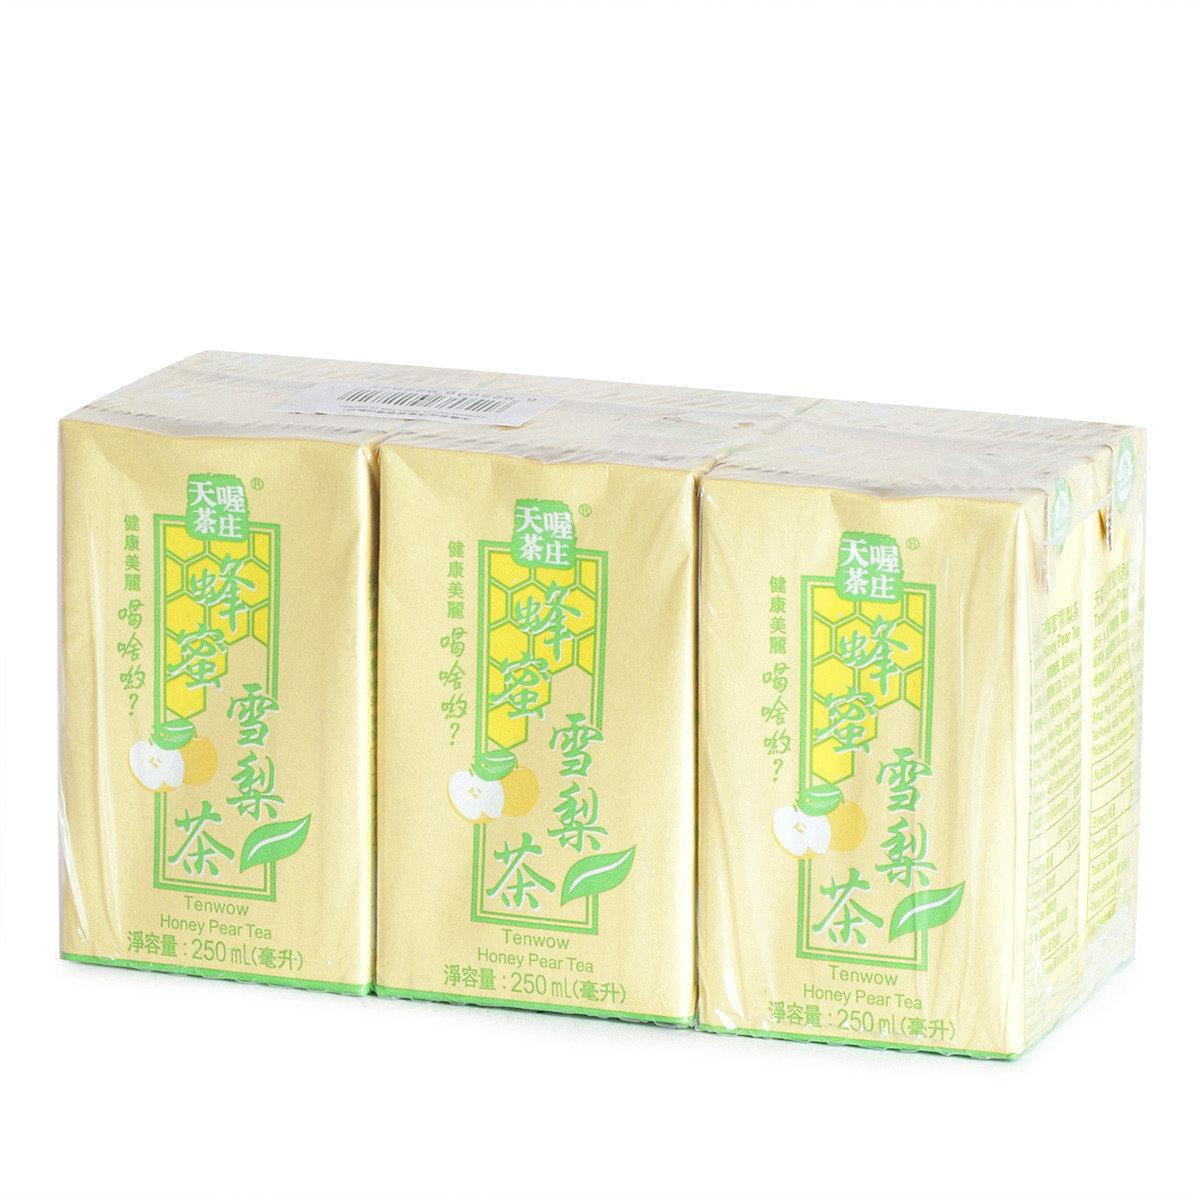 蜂蜜雪梨茶紙包裝